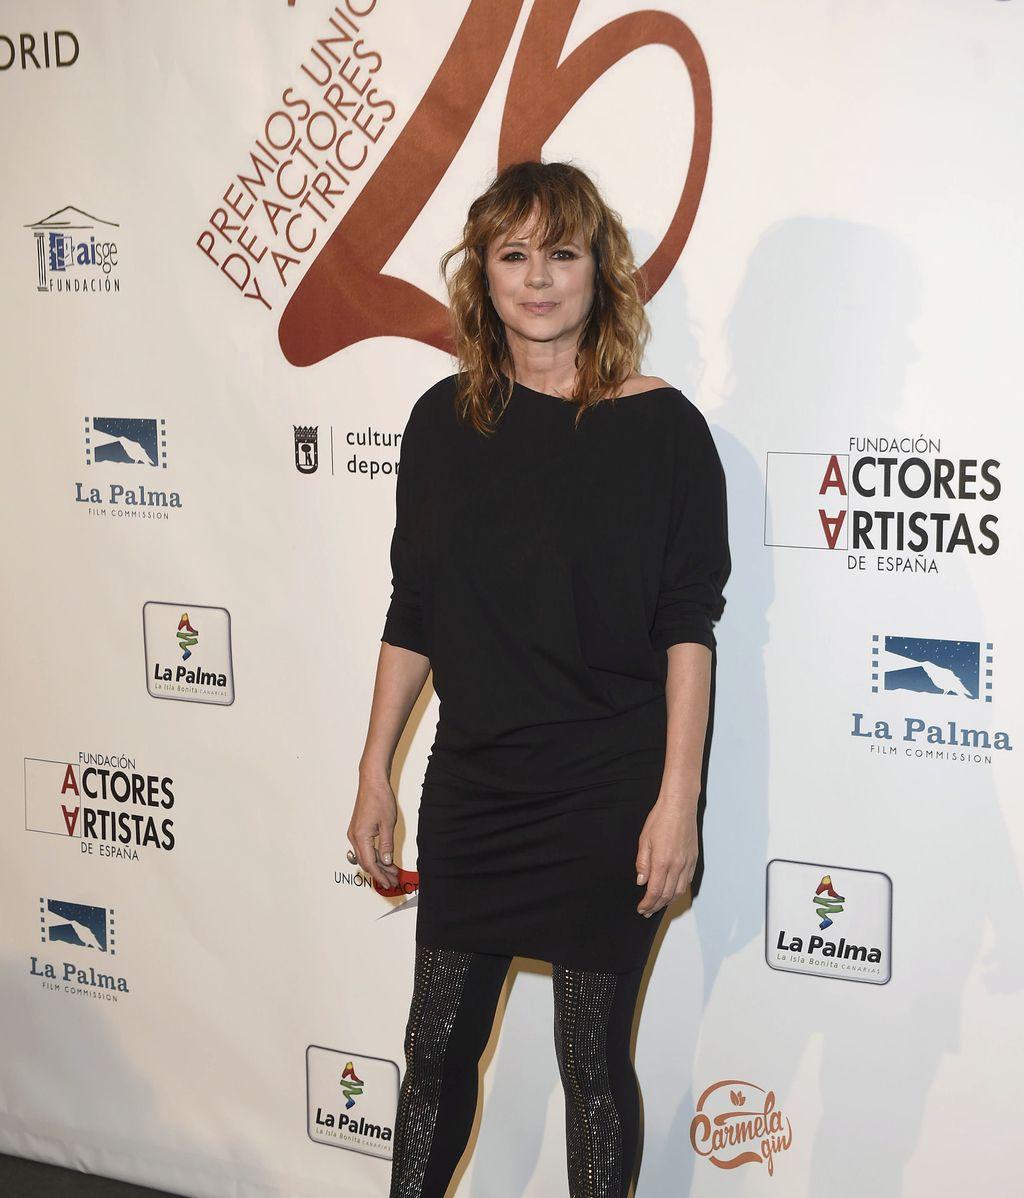 La sonrisa de Pe y la fuerza de Pilar Bardem brillan en los Premios de la Unión de Actores